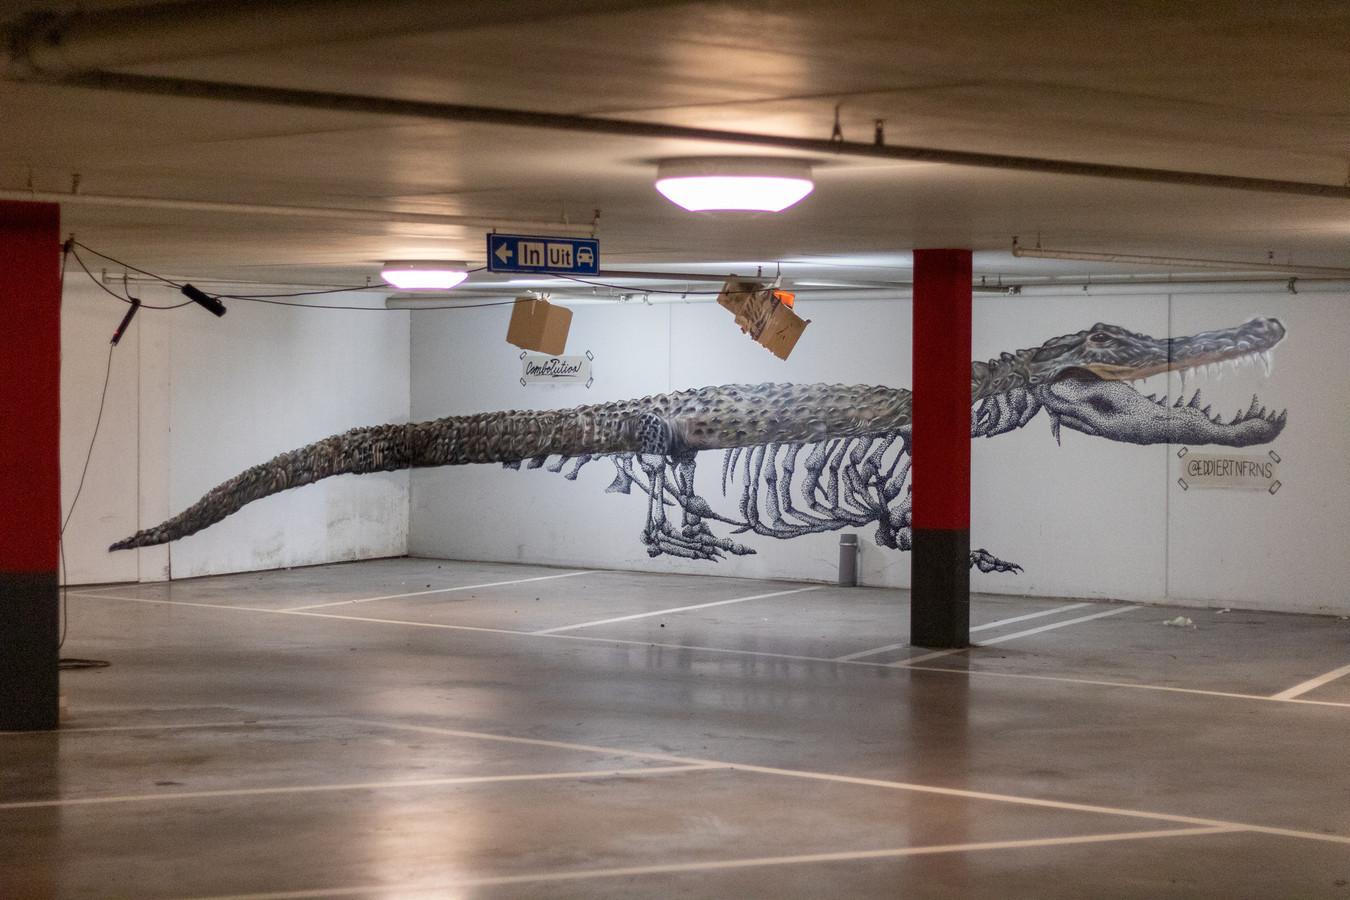 Een schildering van een krokodil